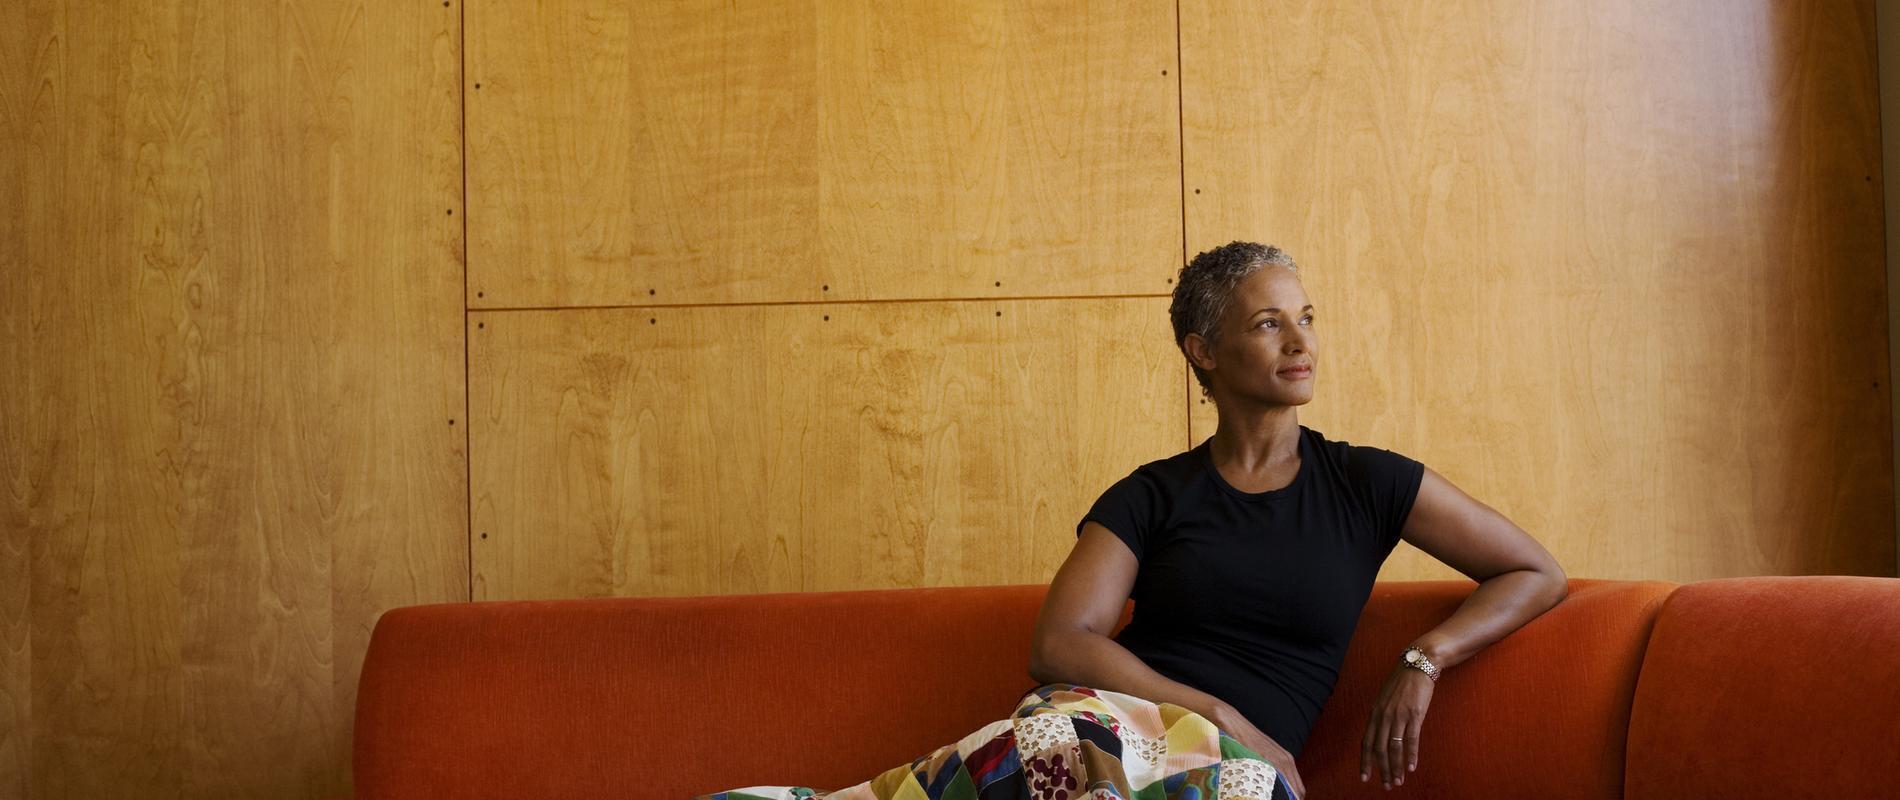 焦躁烦闷难以控制?四条建议帮助女性从容度过更年期